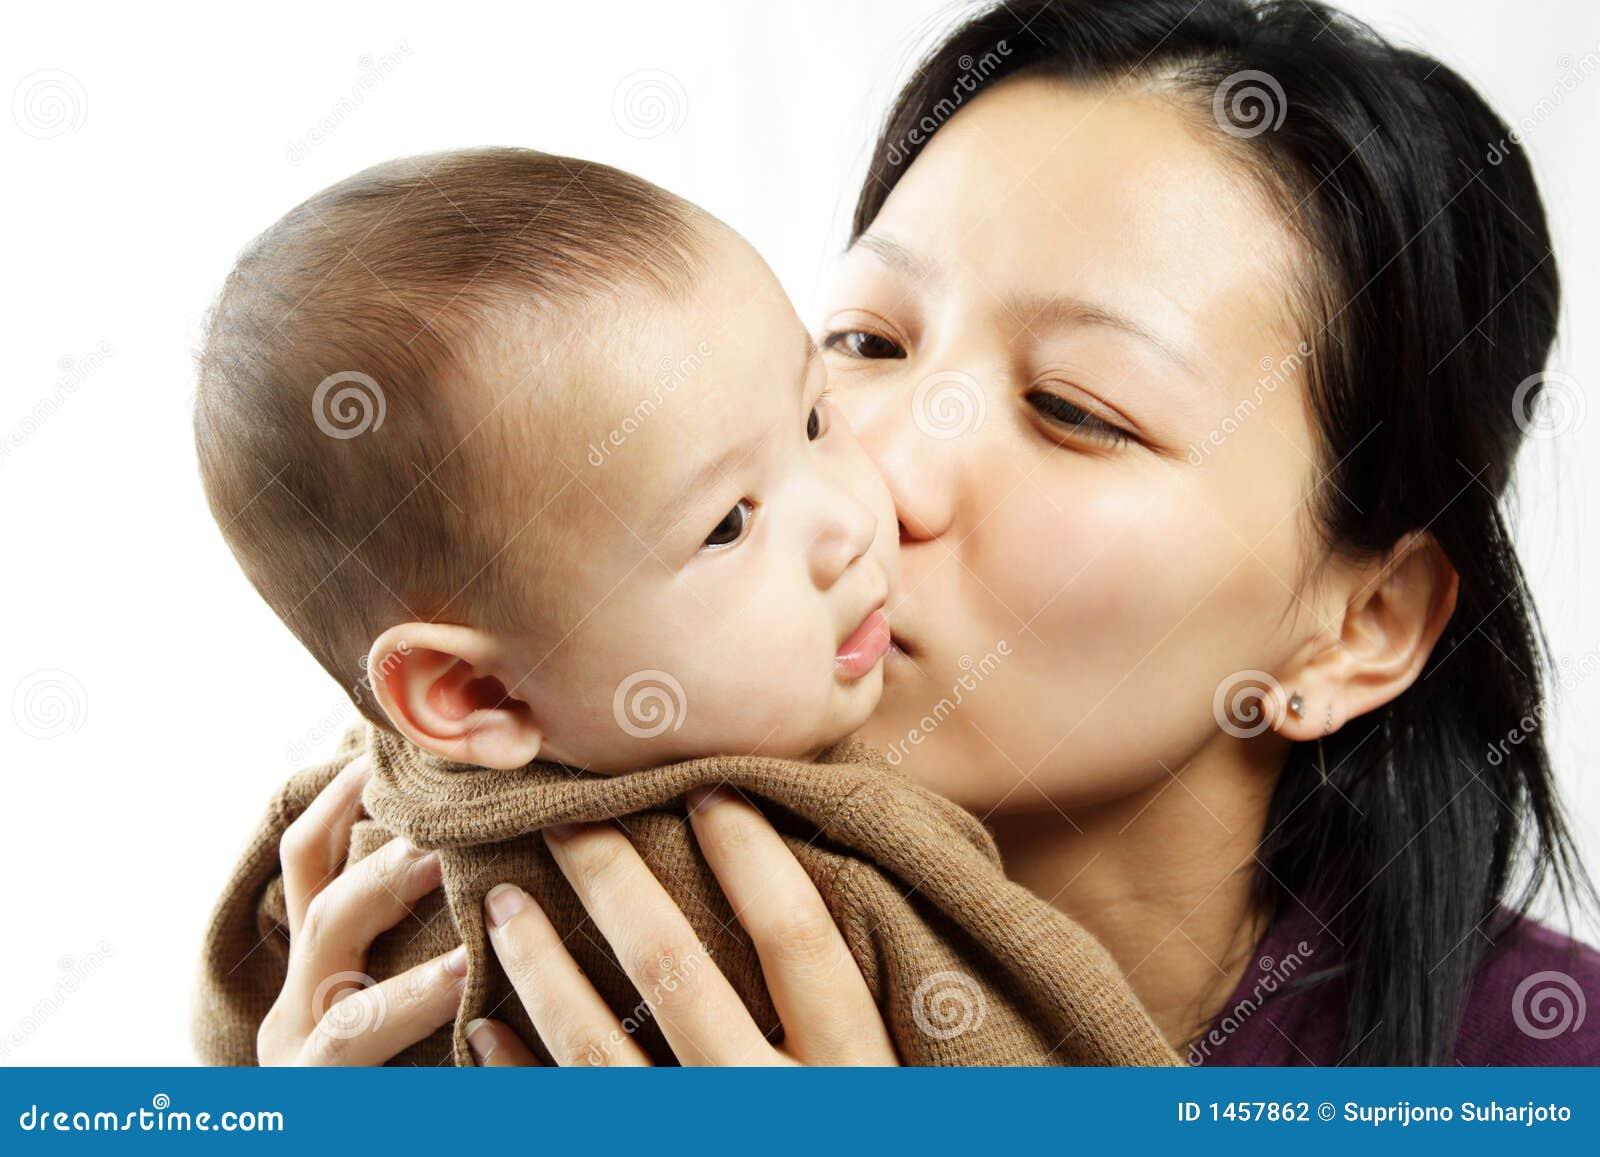 Фото мать и сын бесплатно 23 фотография